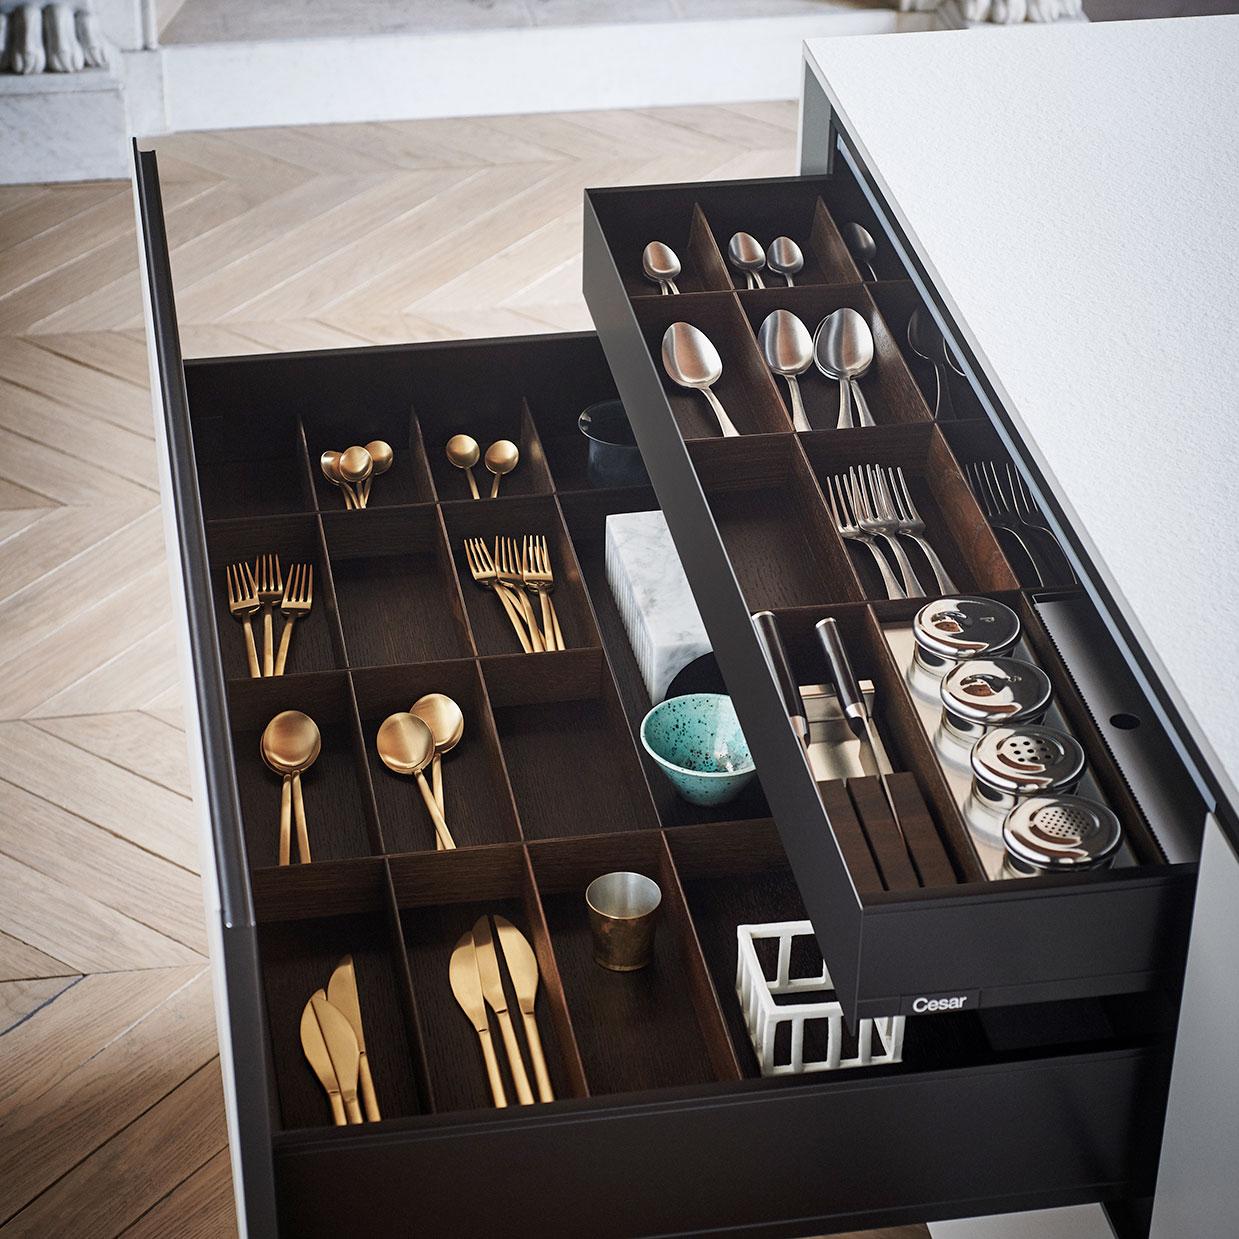 Cesar Arredamenti Spa Pramaggiore cesar - kitchen accessories